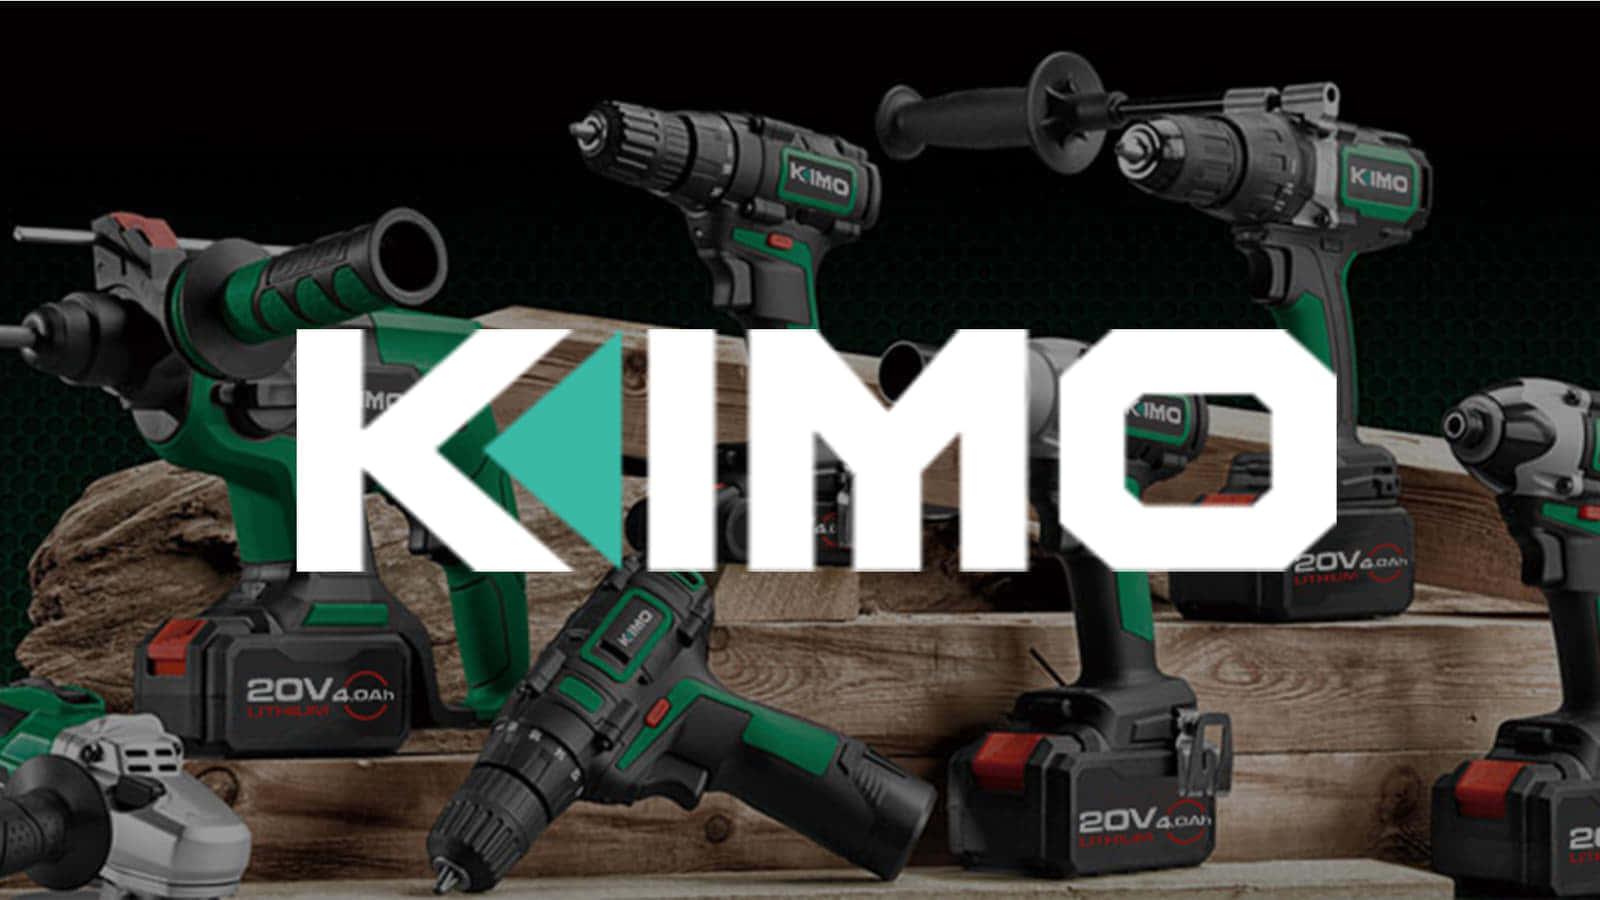 電動工具メーカーKIMOとは?通販サイトの電動工具は安全か